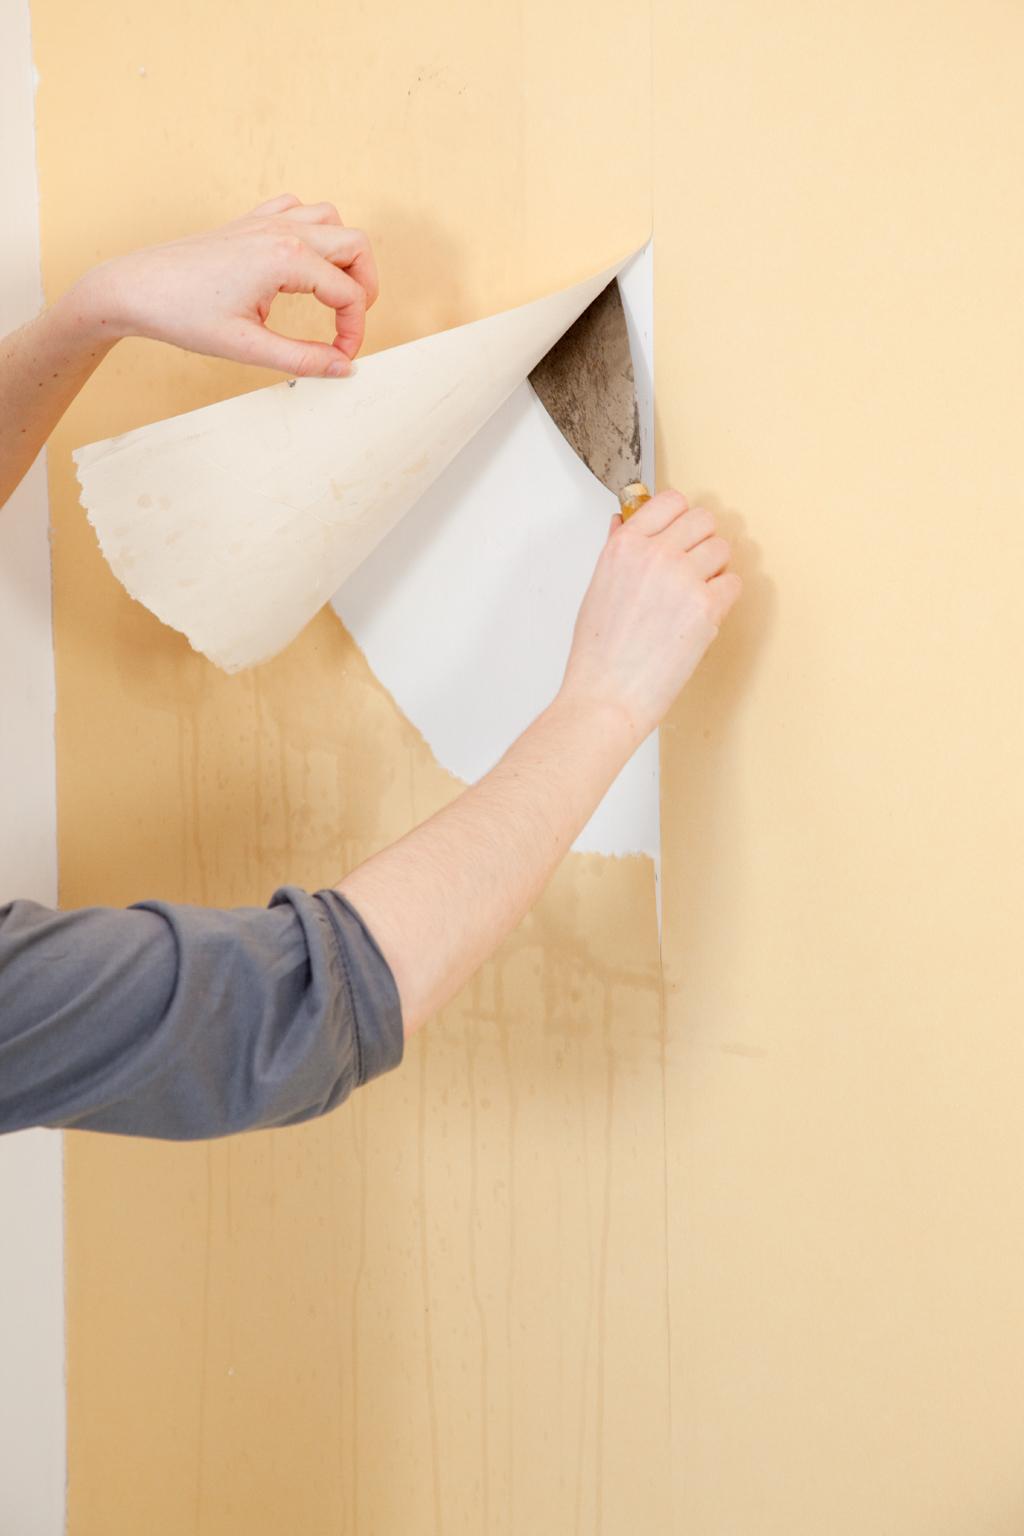 Spatule Décoller Papier Peint décoller du papier peint avec une décolleuse | diy family